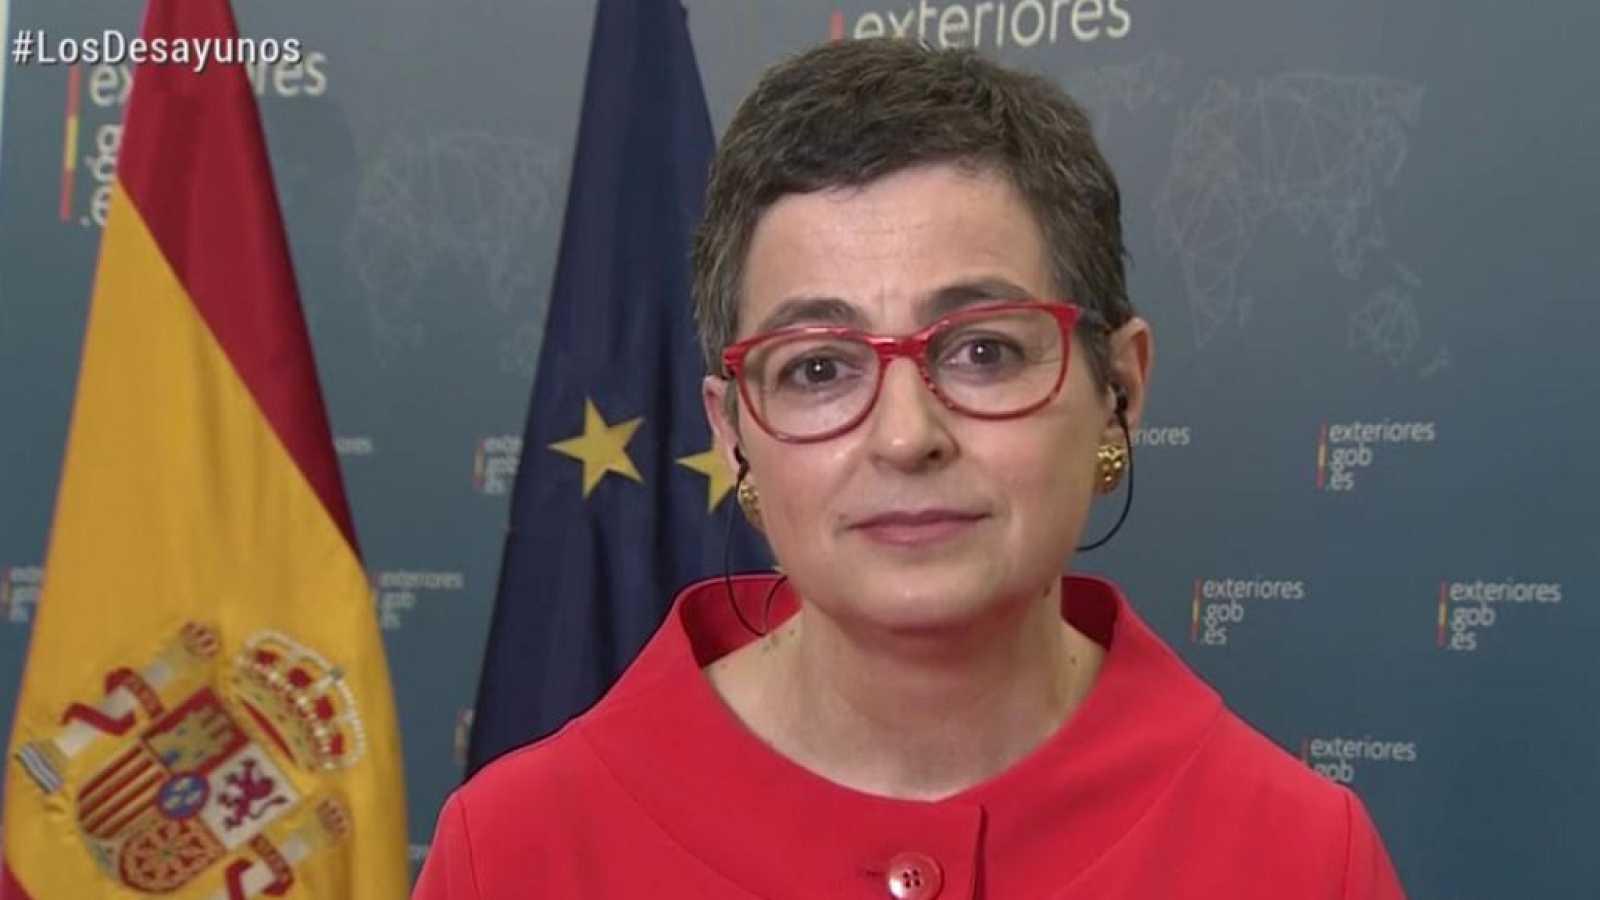 Los desayunos de TVE - Arancha González Laya, ministra de Asuntos Exteriores, Unión Europea y Cooperación - ver ahora